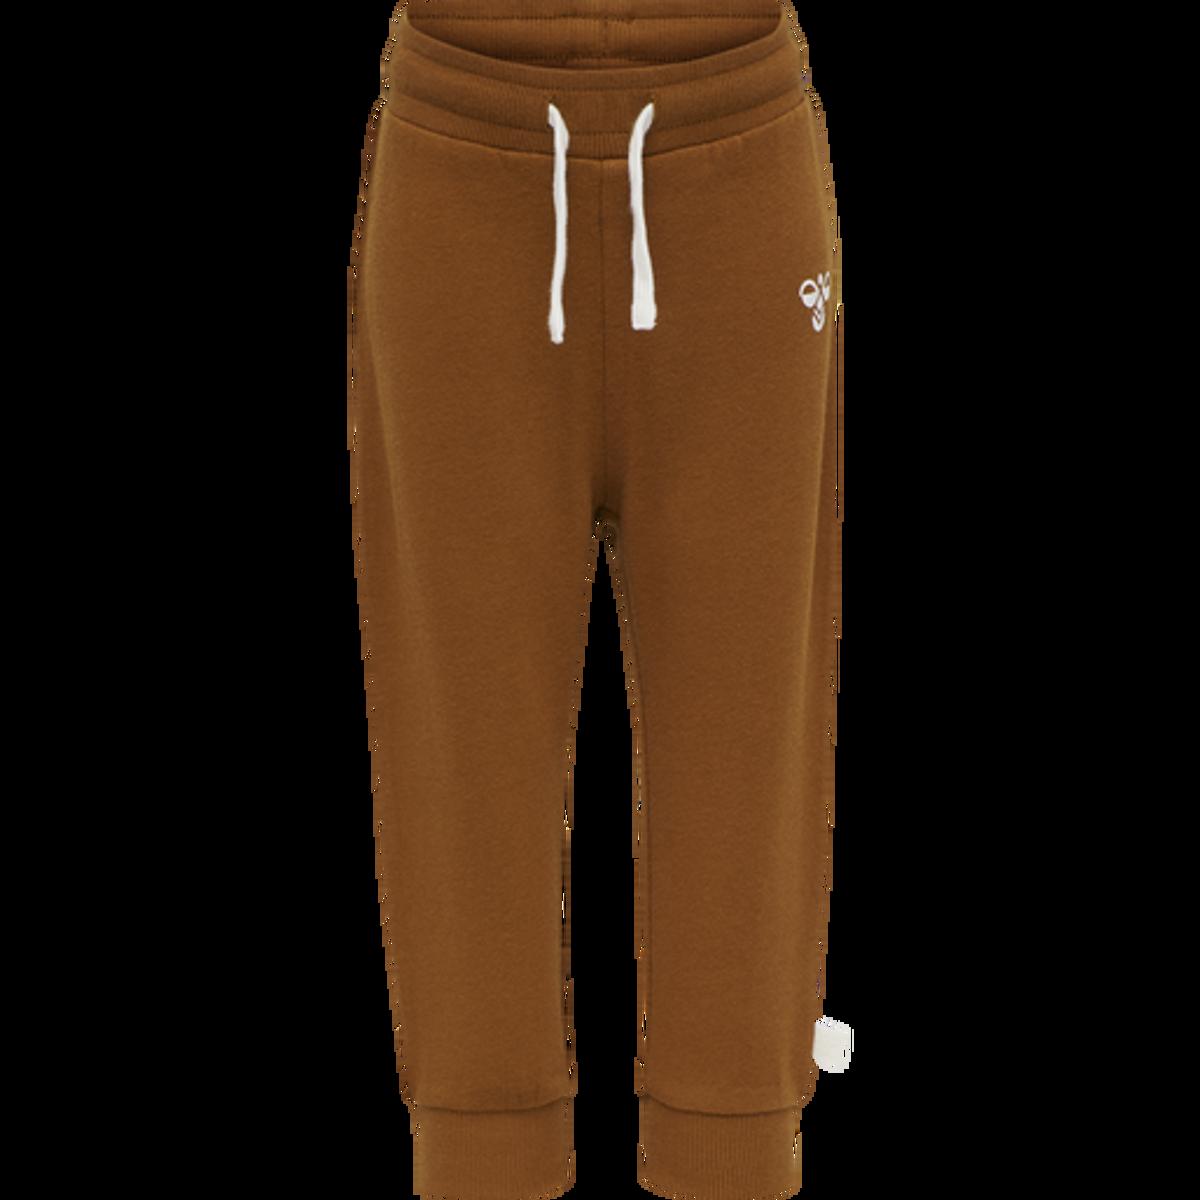 HmlArino crewsuit - Glazed Ginger